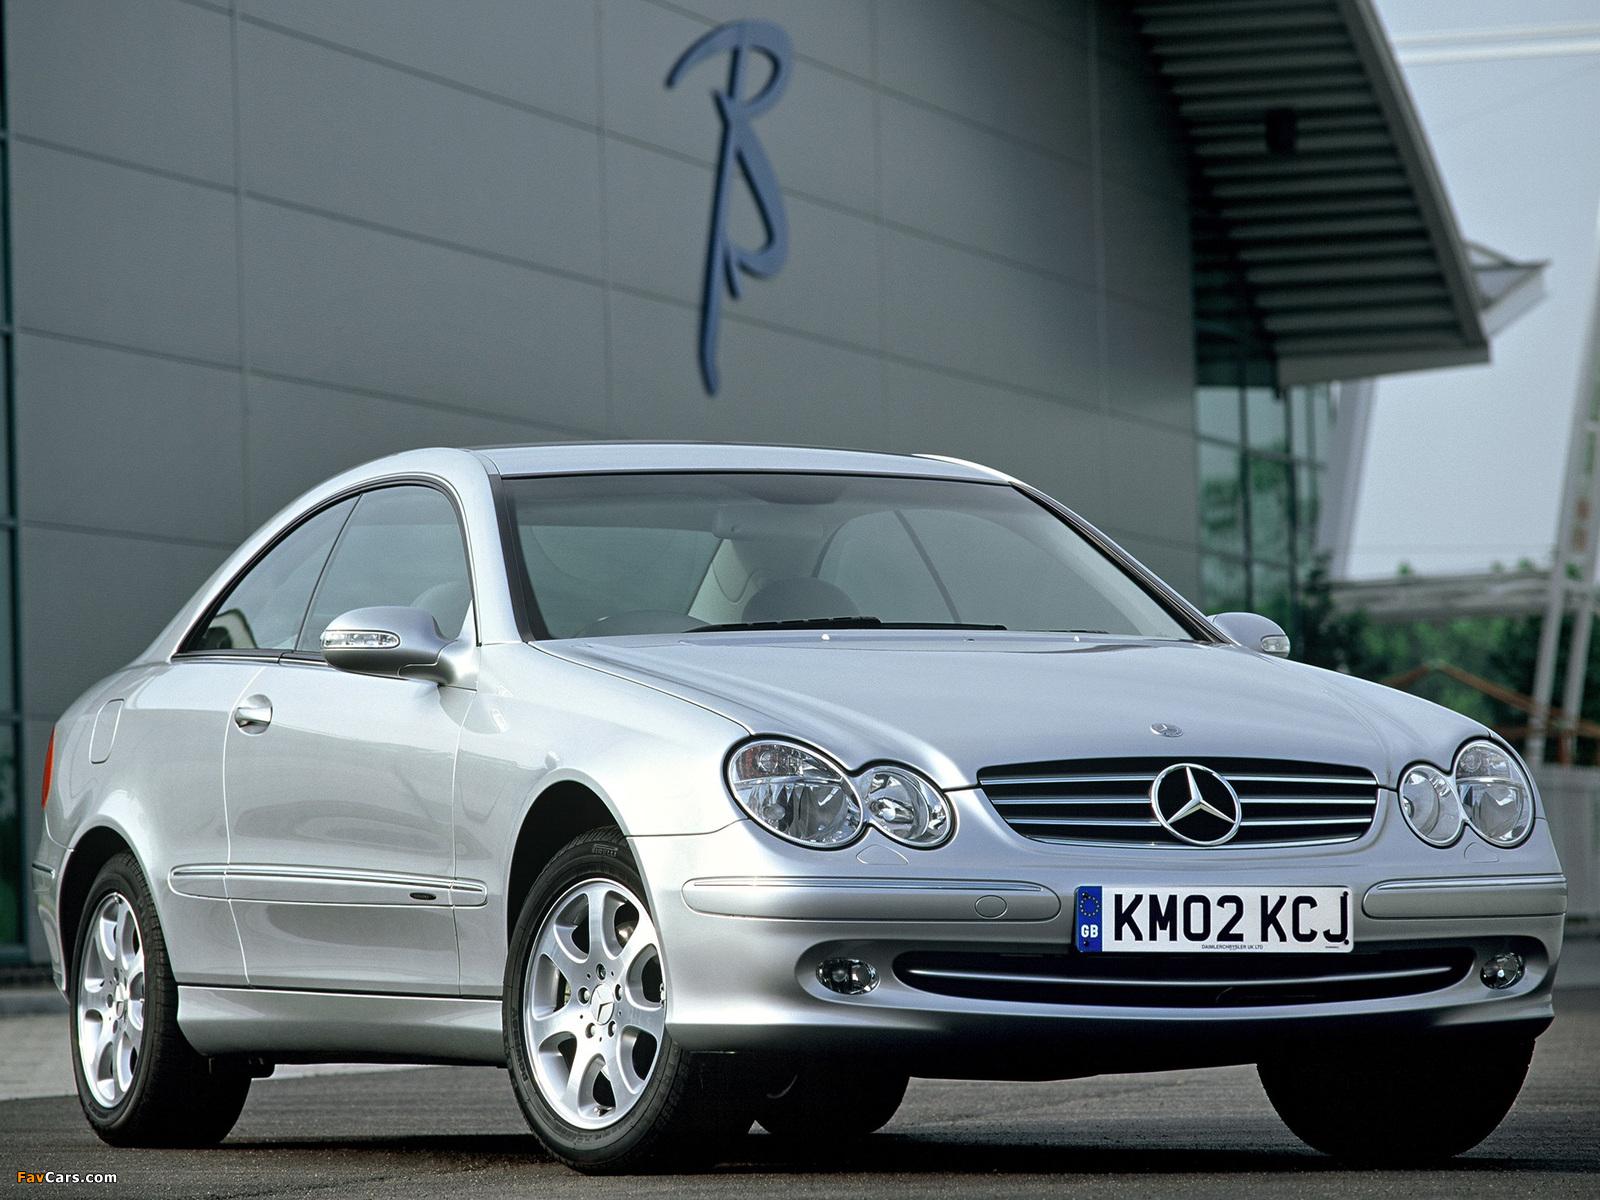 Mercedes benz clk 240 uk spec c209 2002 05 photos for Mercedes benz clk 240